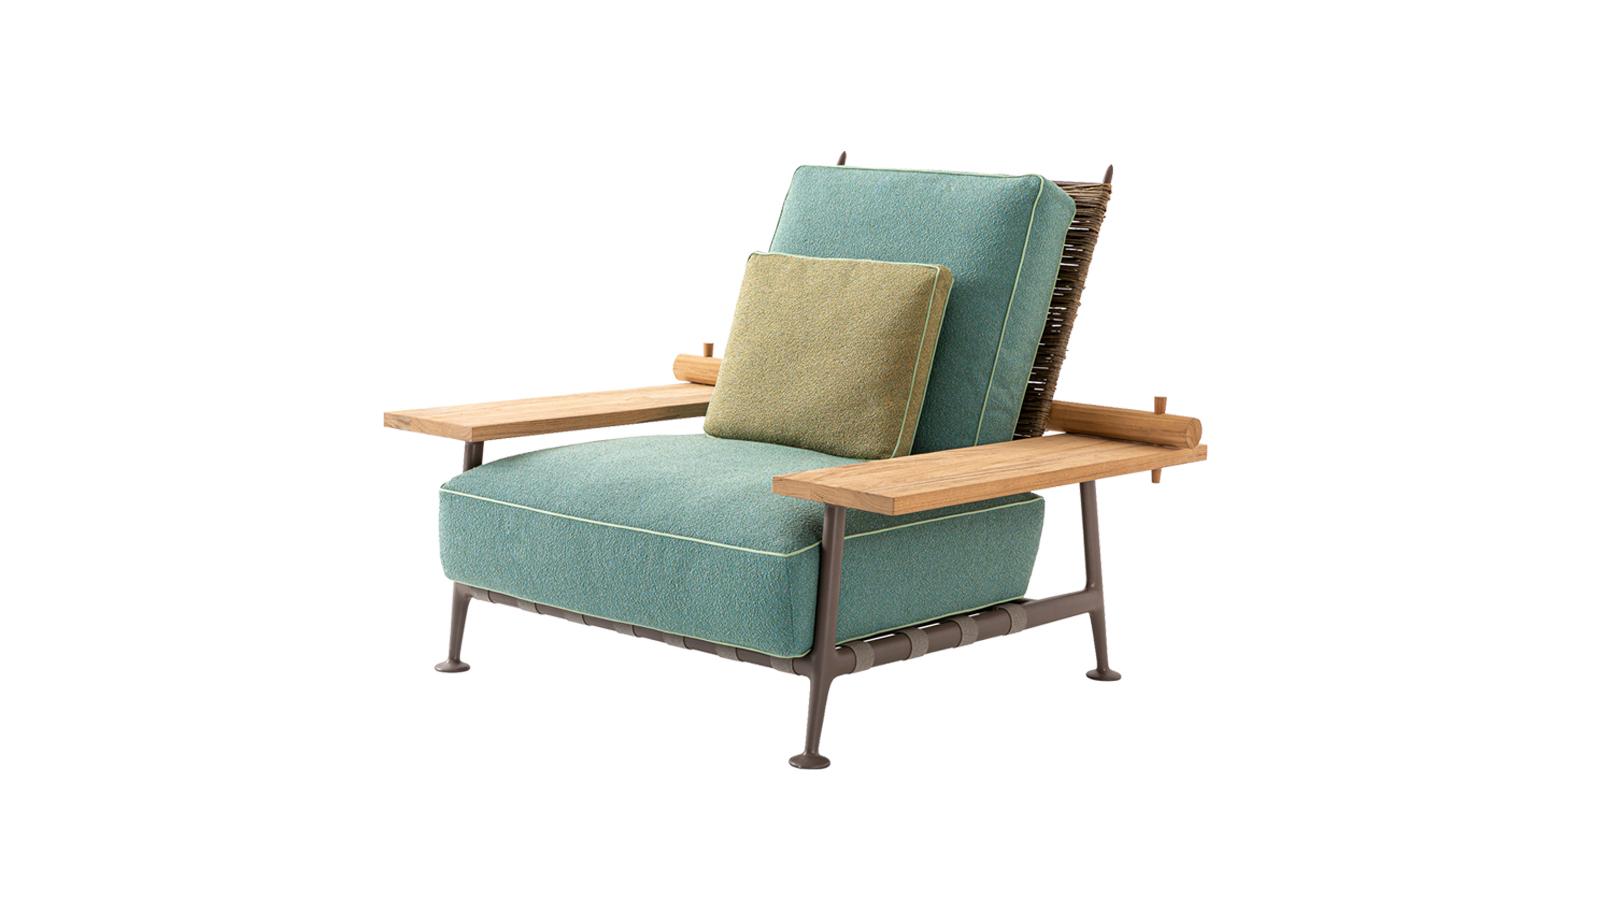 """Philippe Starck korunk designer fenegyereke. A világhírű tervező a Cassinával együttműködve álmodta meg a Fenc-e Nature bútorkollekciót, mely elmondása szerint a """"nyugalmas elegancia életmódjának kollekciója"""". Letisztult vonalai a természetességet ünneplik, mellyel olyan sziklaszilárdan és szemet kápráztatóan foglalja el a helyét a teraszon, kertekben, medence partján, akár egy gyönyörű tölgyfa. Az ázsiai tárgykultúra jeleit sem nélkülöző kollekció tökéletes választás, ha kortárs, kényelmes és lenyűgöző ülőalkalmatosságra vágyik."""